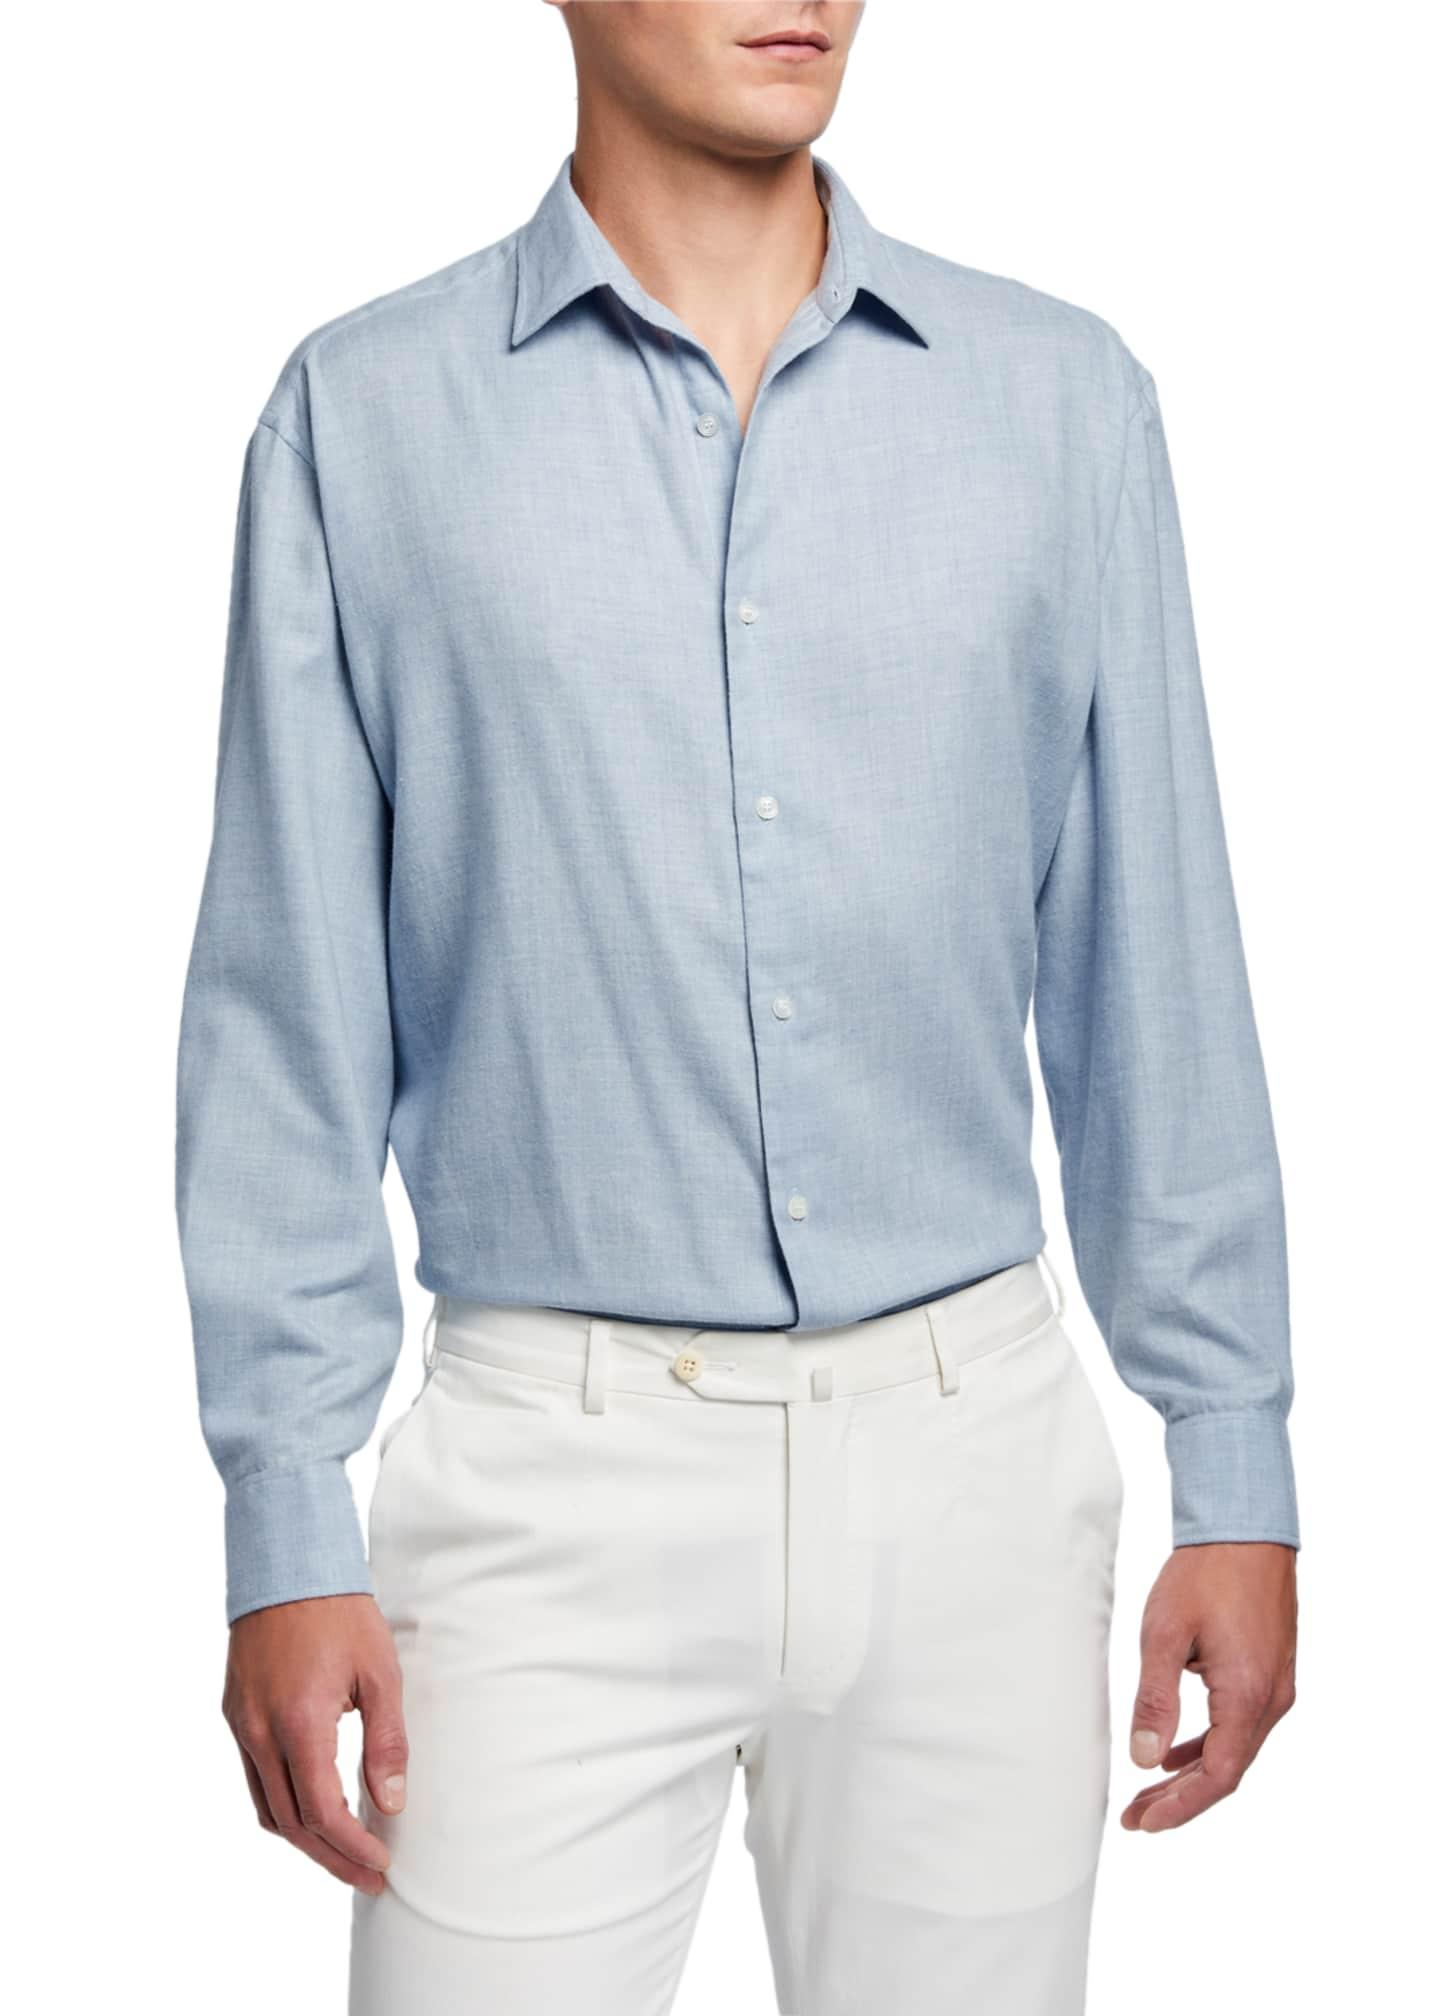 Charvet Men's Solid Brushed-Cotton Sport Shirt